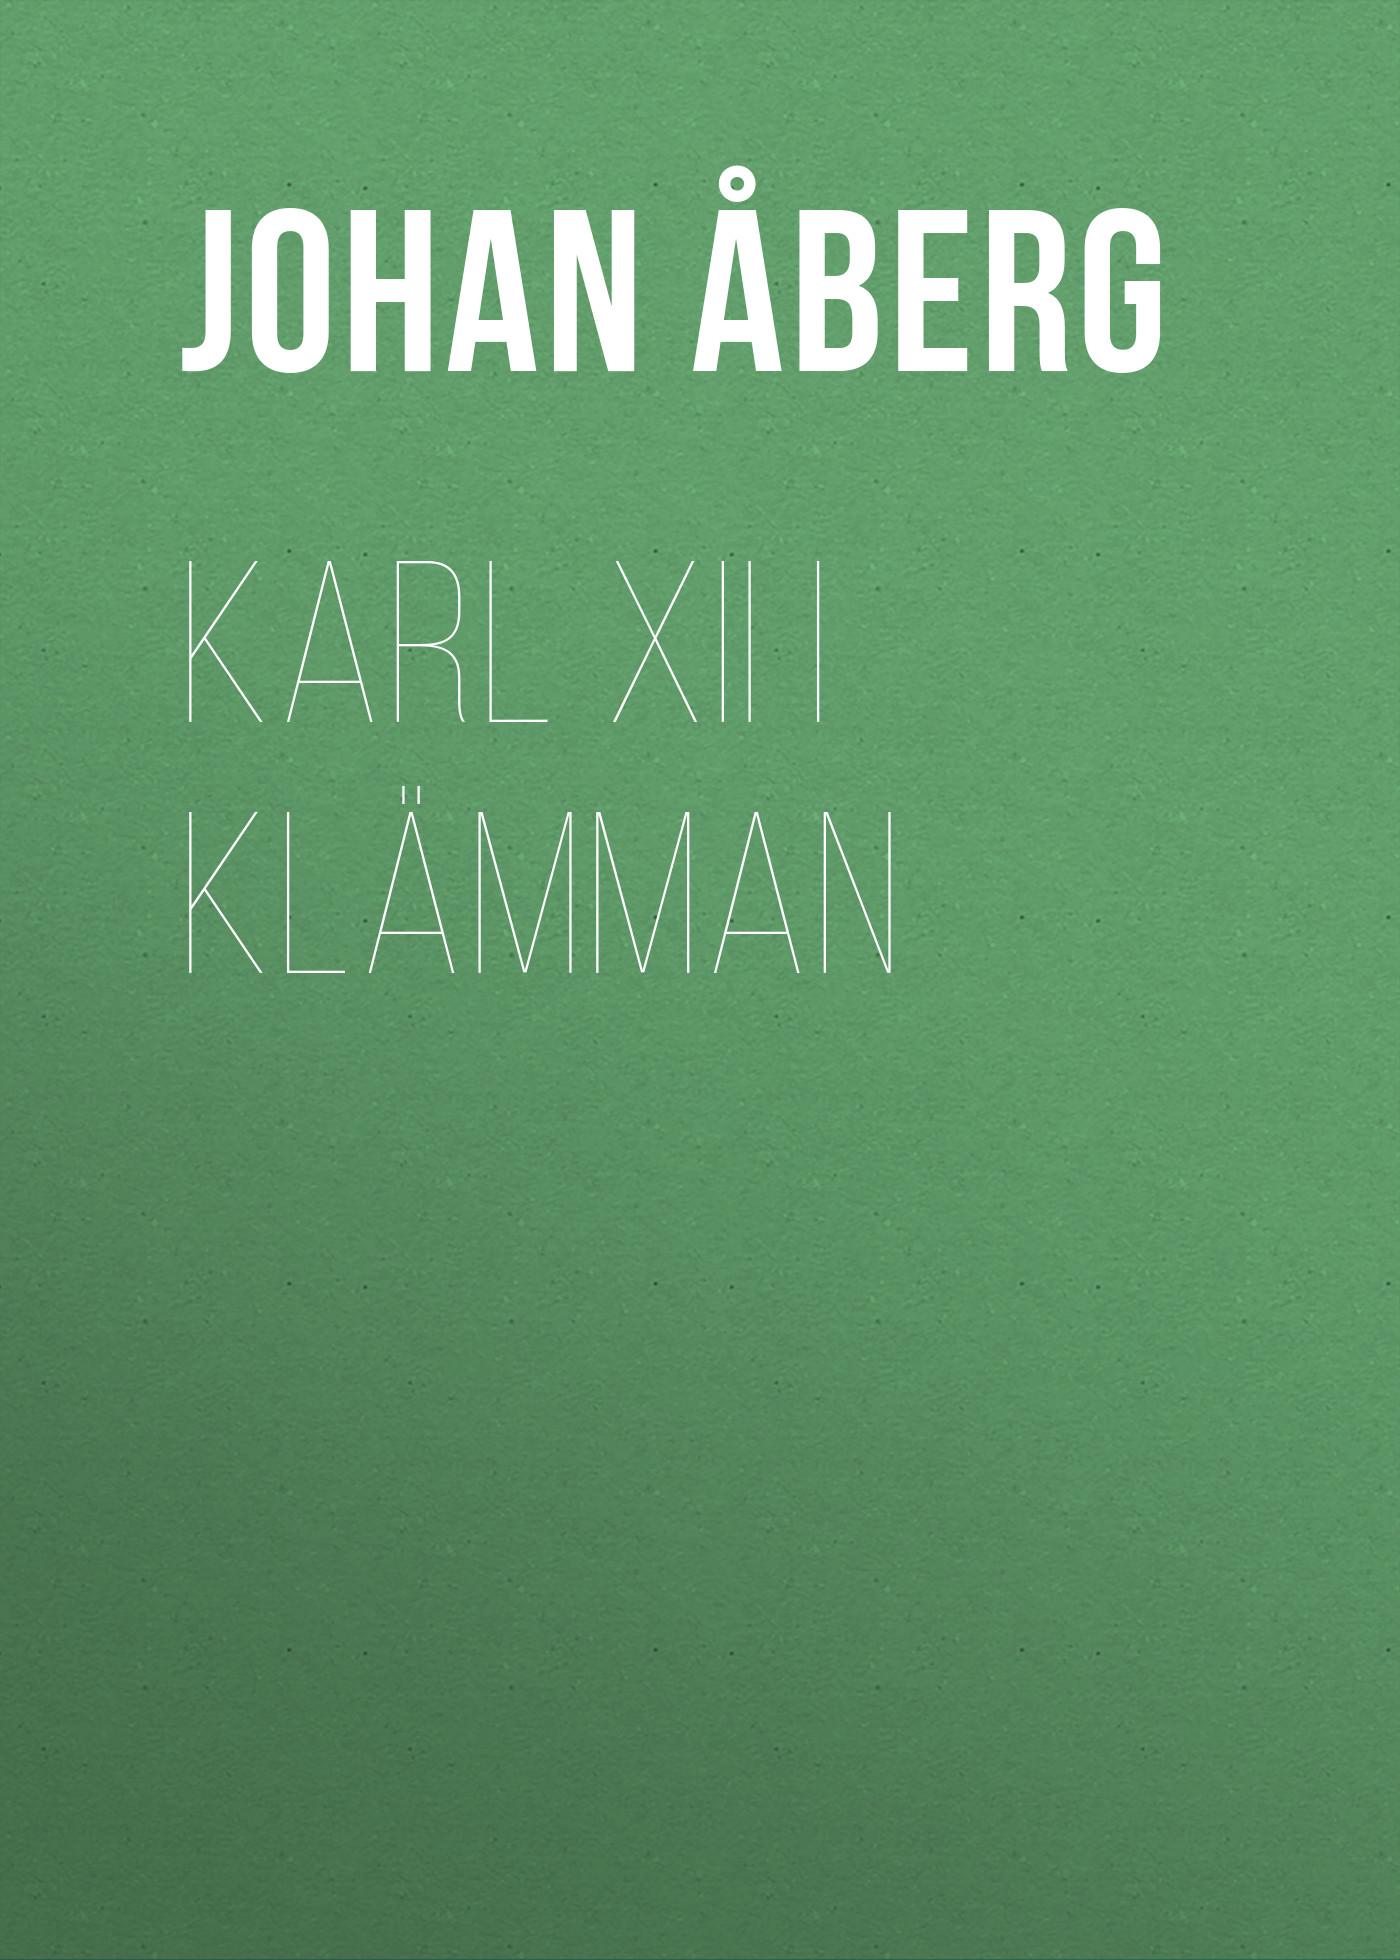 Åberg Johan Olof Karl XII i klämman åberg johan olof mjölnarflickan vid lützen page 2